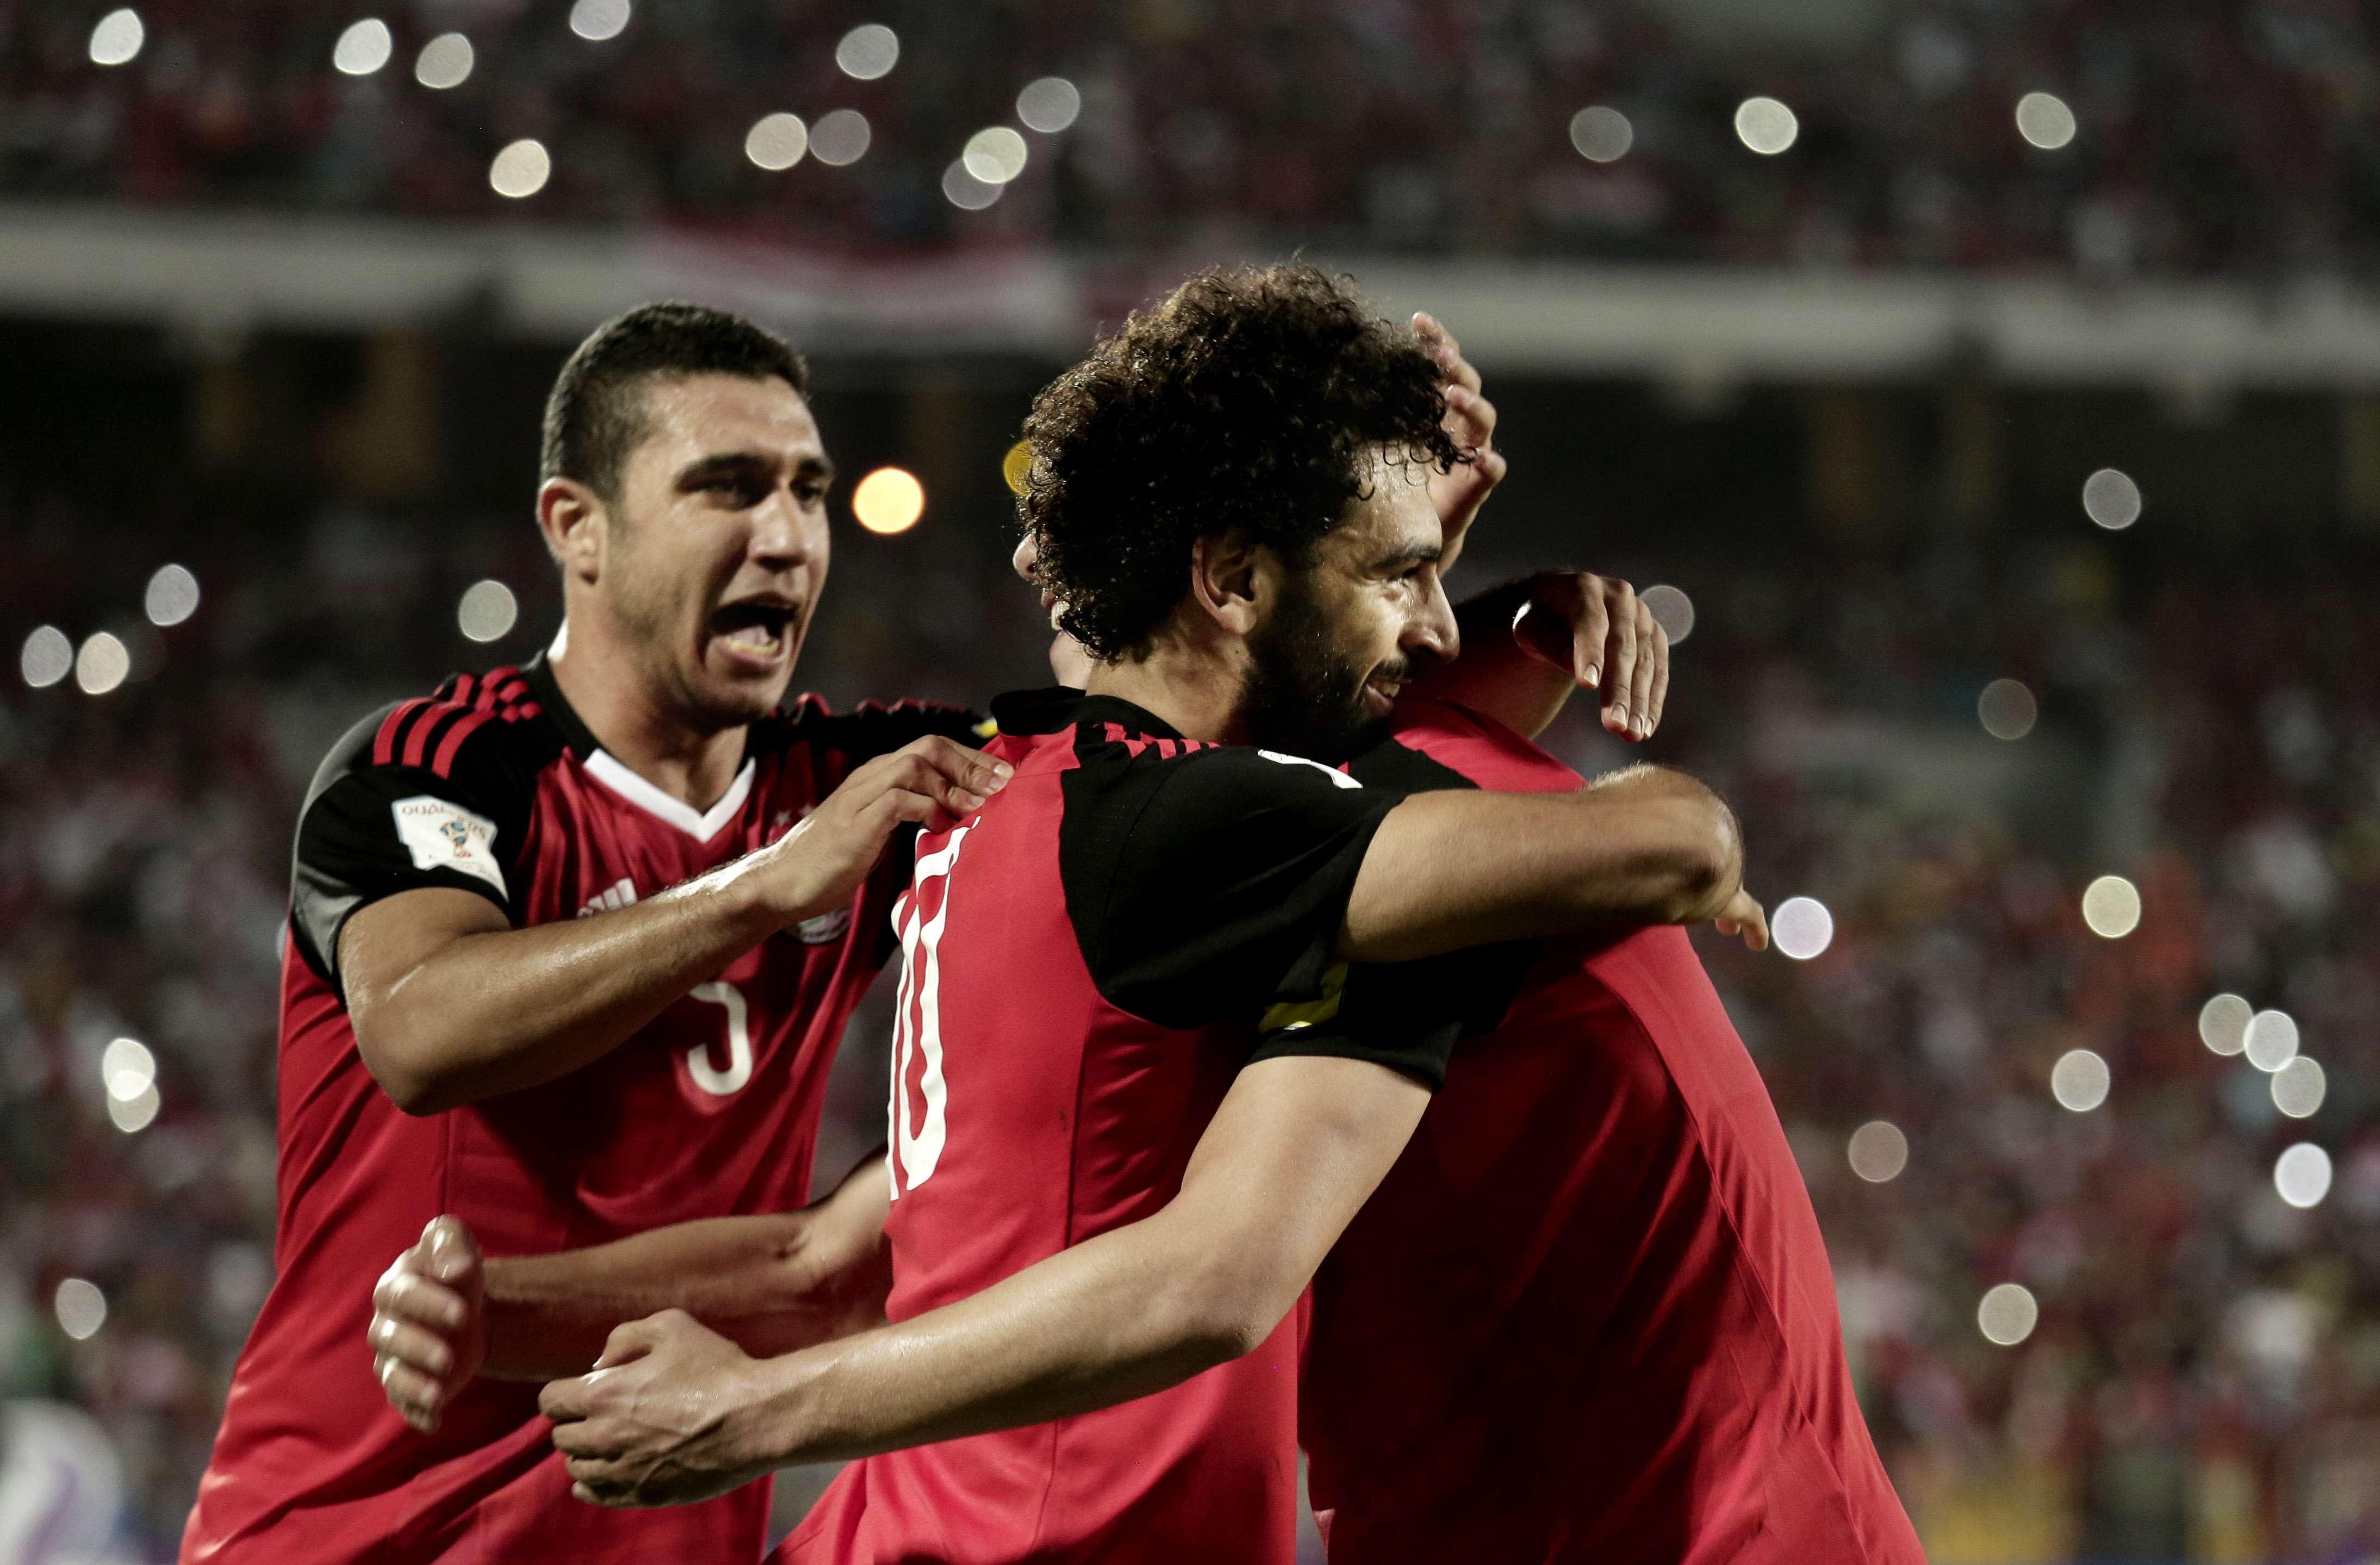 Mohamed Salah, blessé pour le début du Mondial 2018, célébrant avec les autres joueurs de l'équipe nationale la qualification de l'Égypte pour le Mondial 2018, le 8 octobre 2017.